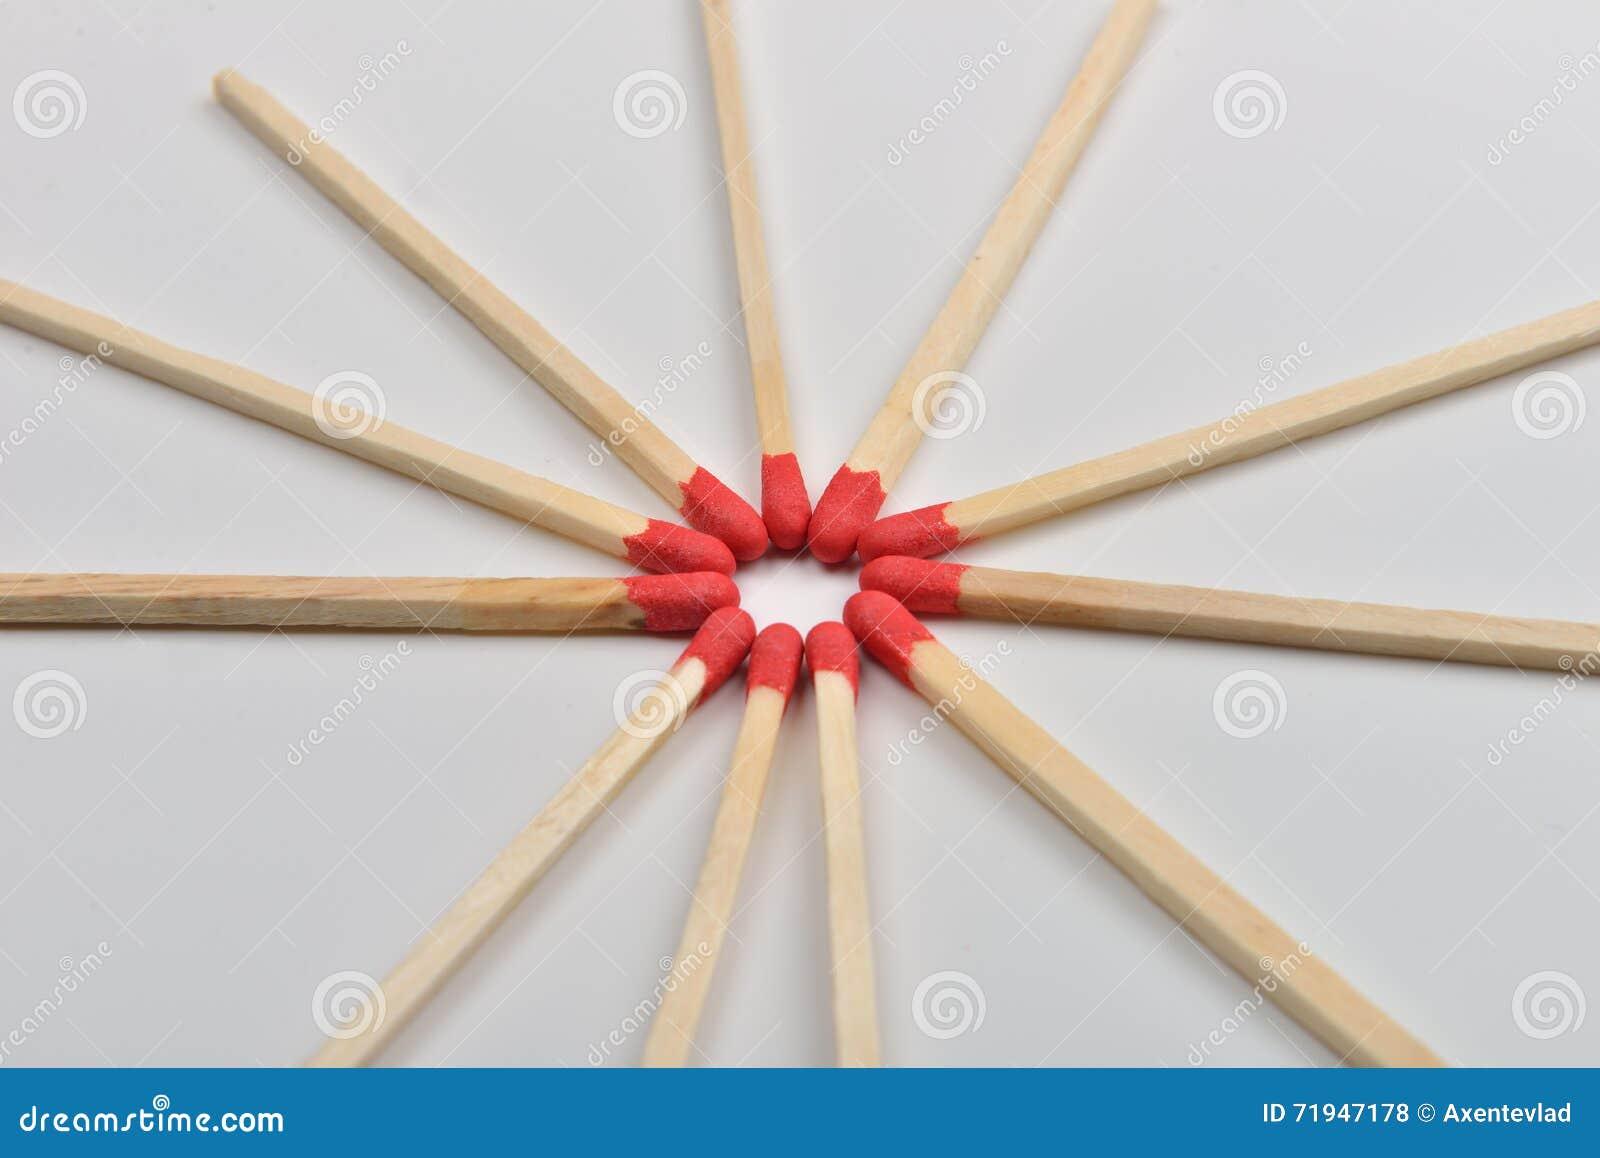 Много красных головных спичек помещенных в круге, голова к headon белому b